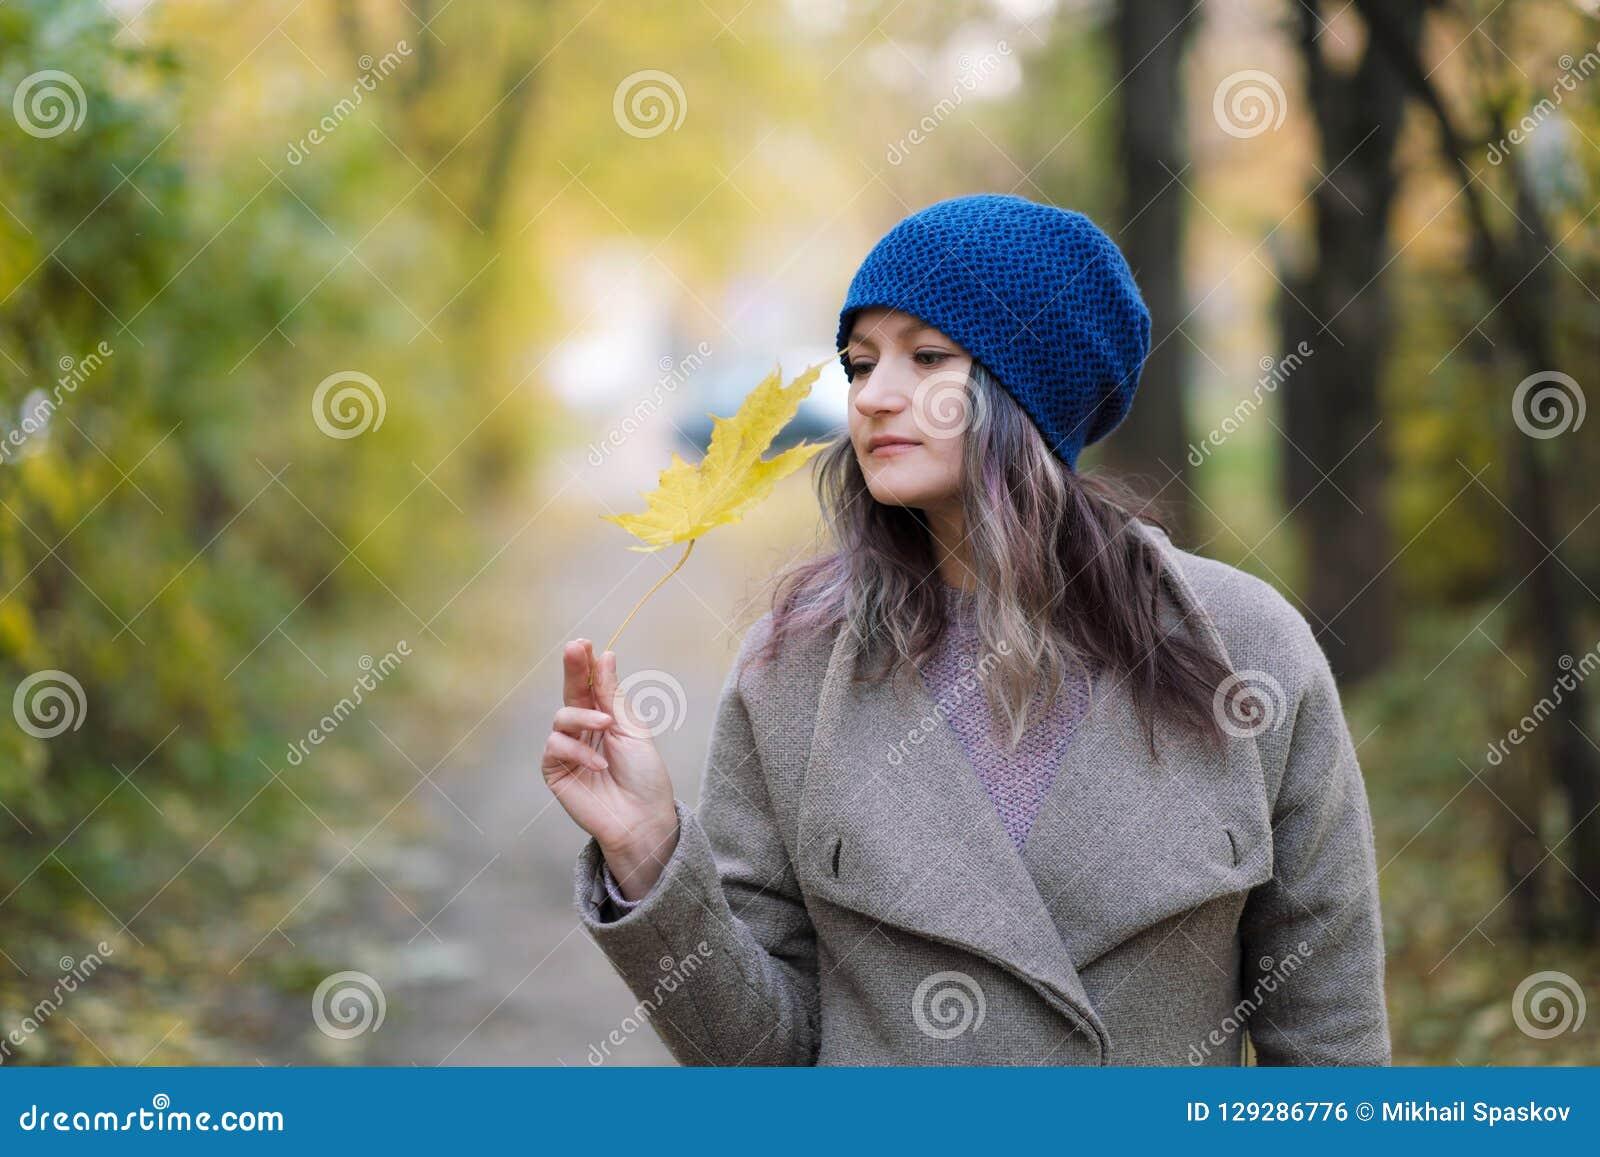 La muchacha en una capa y un sombrero azul en un fondo de los árboles y de las hojas de arce del otoño